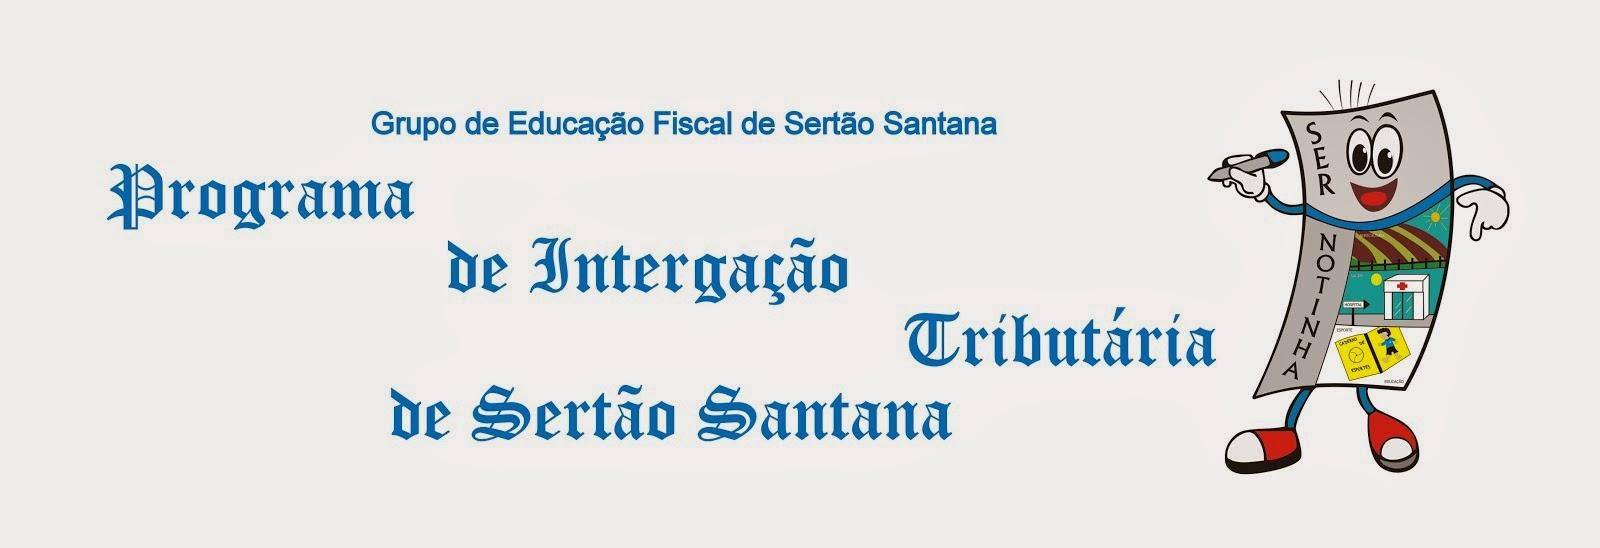 Blog do Programa de Integração Tributária de Sertão Santana